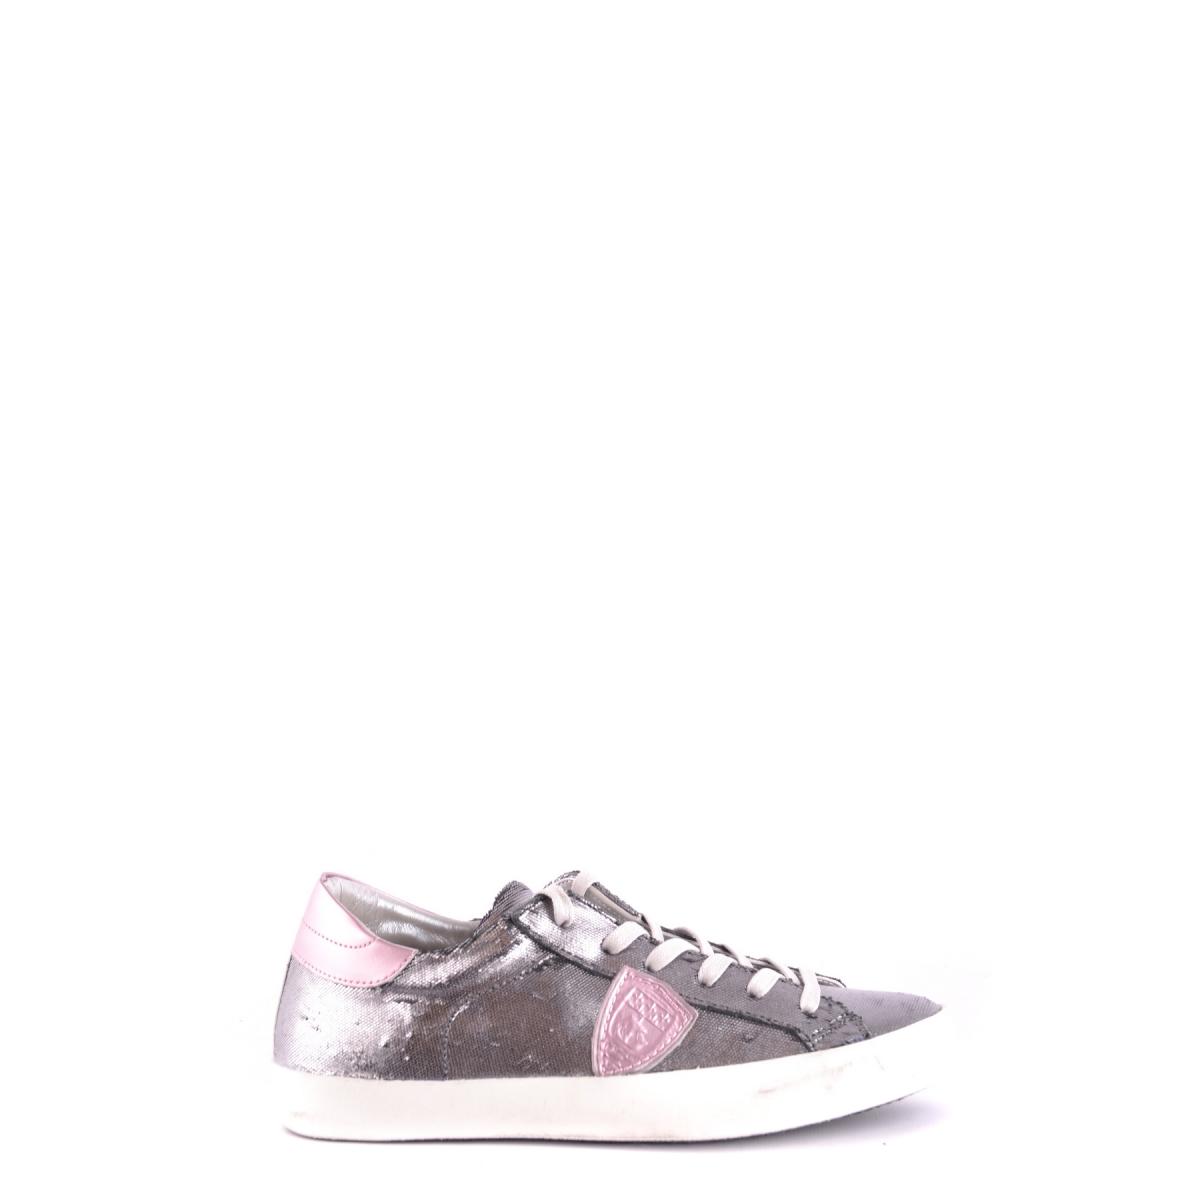 Sneakers Philippe Model 32926IT -20%,Gli stivali da donna e classici sono popolari, economici e donna hanno dimensioni 4d0d73